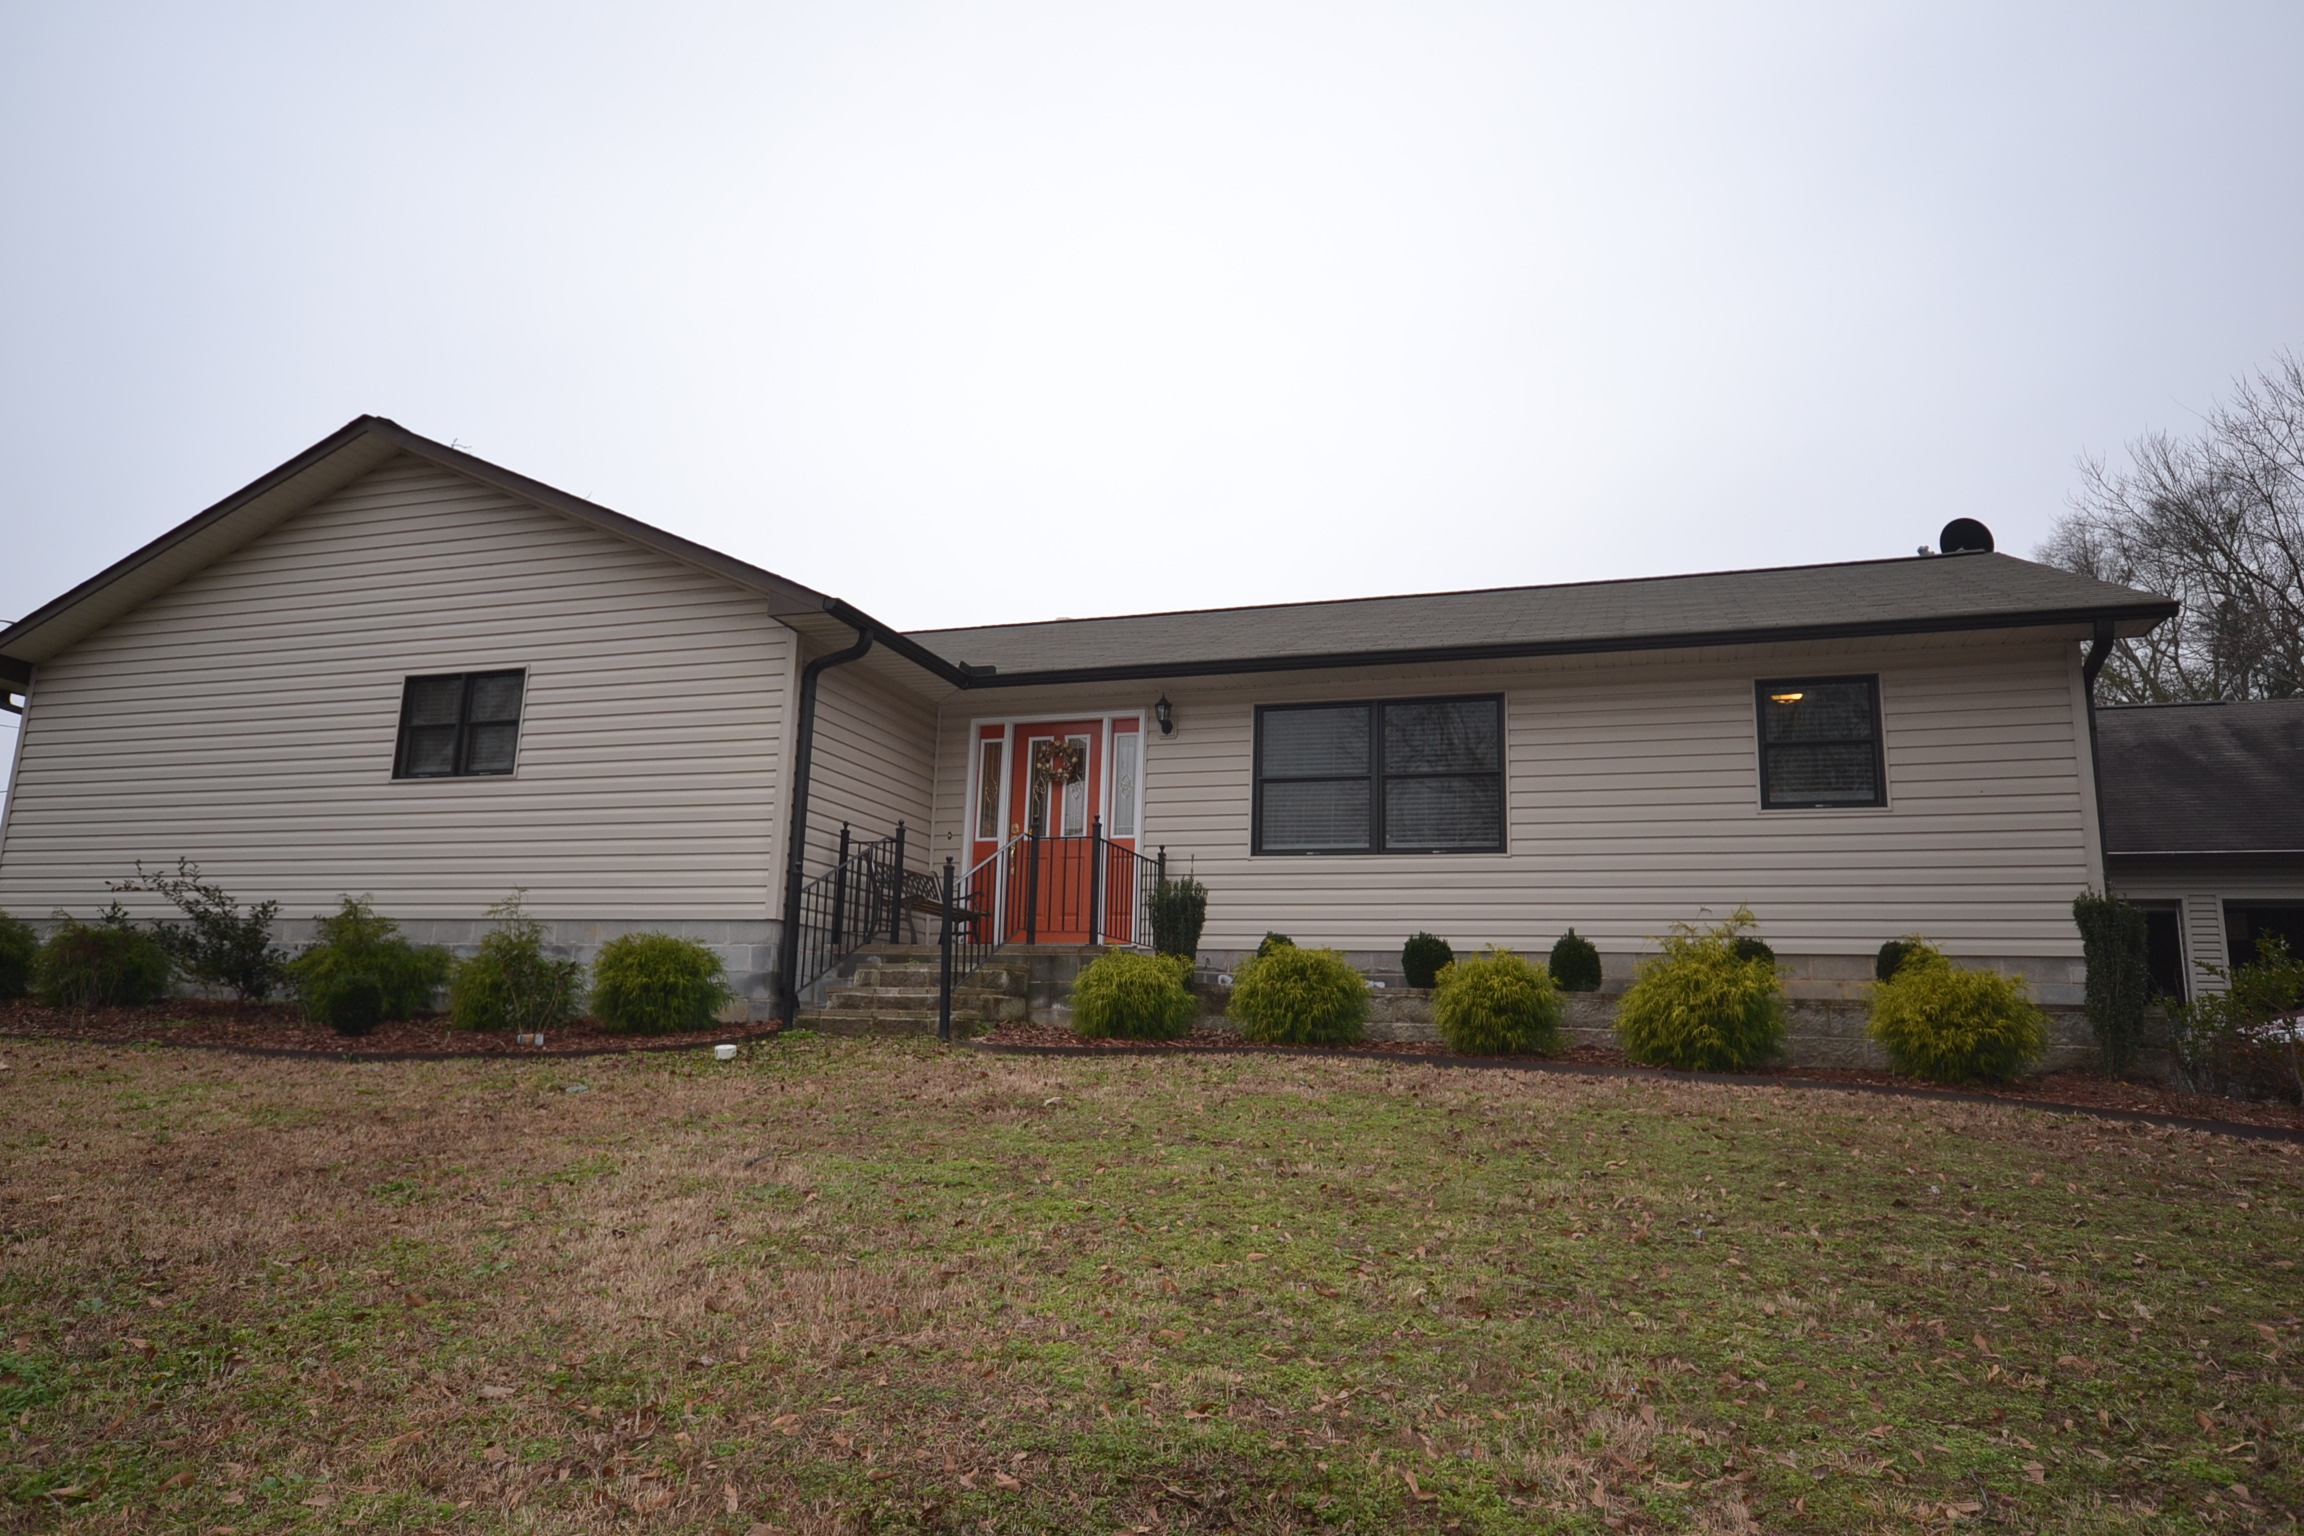 711 9th Ave SE, Cullman, Alabama 35055